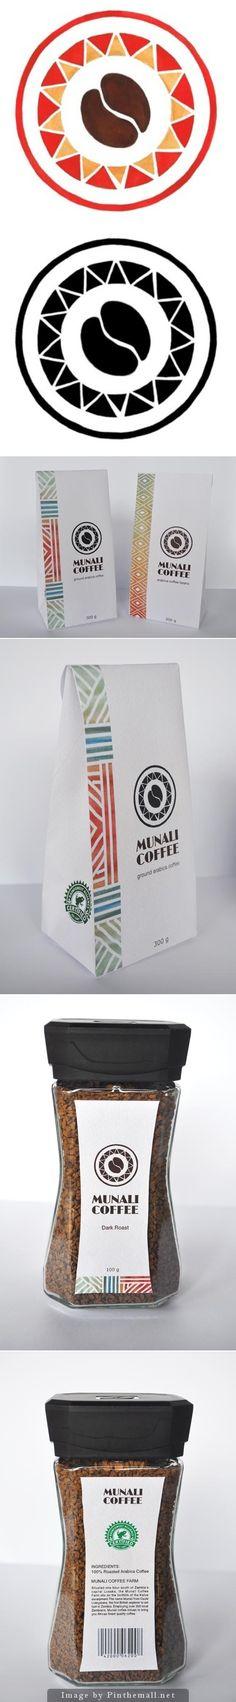 Coffee Re-Branding. Munali #coffee rebranded #packaging PD